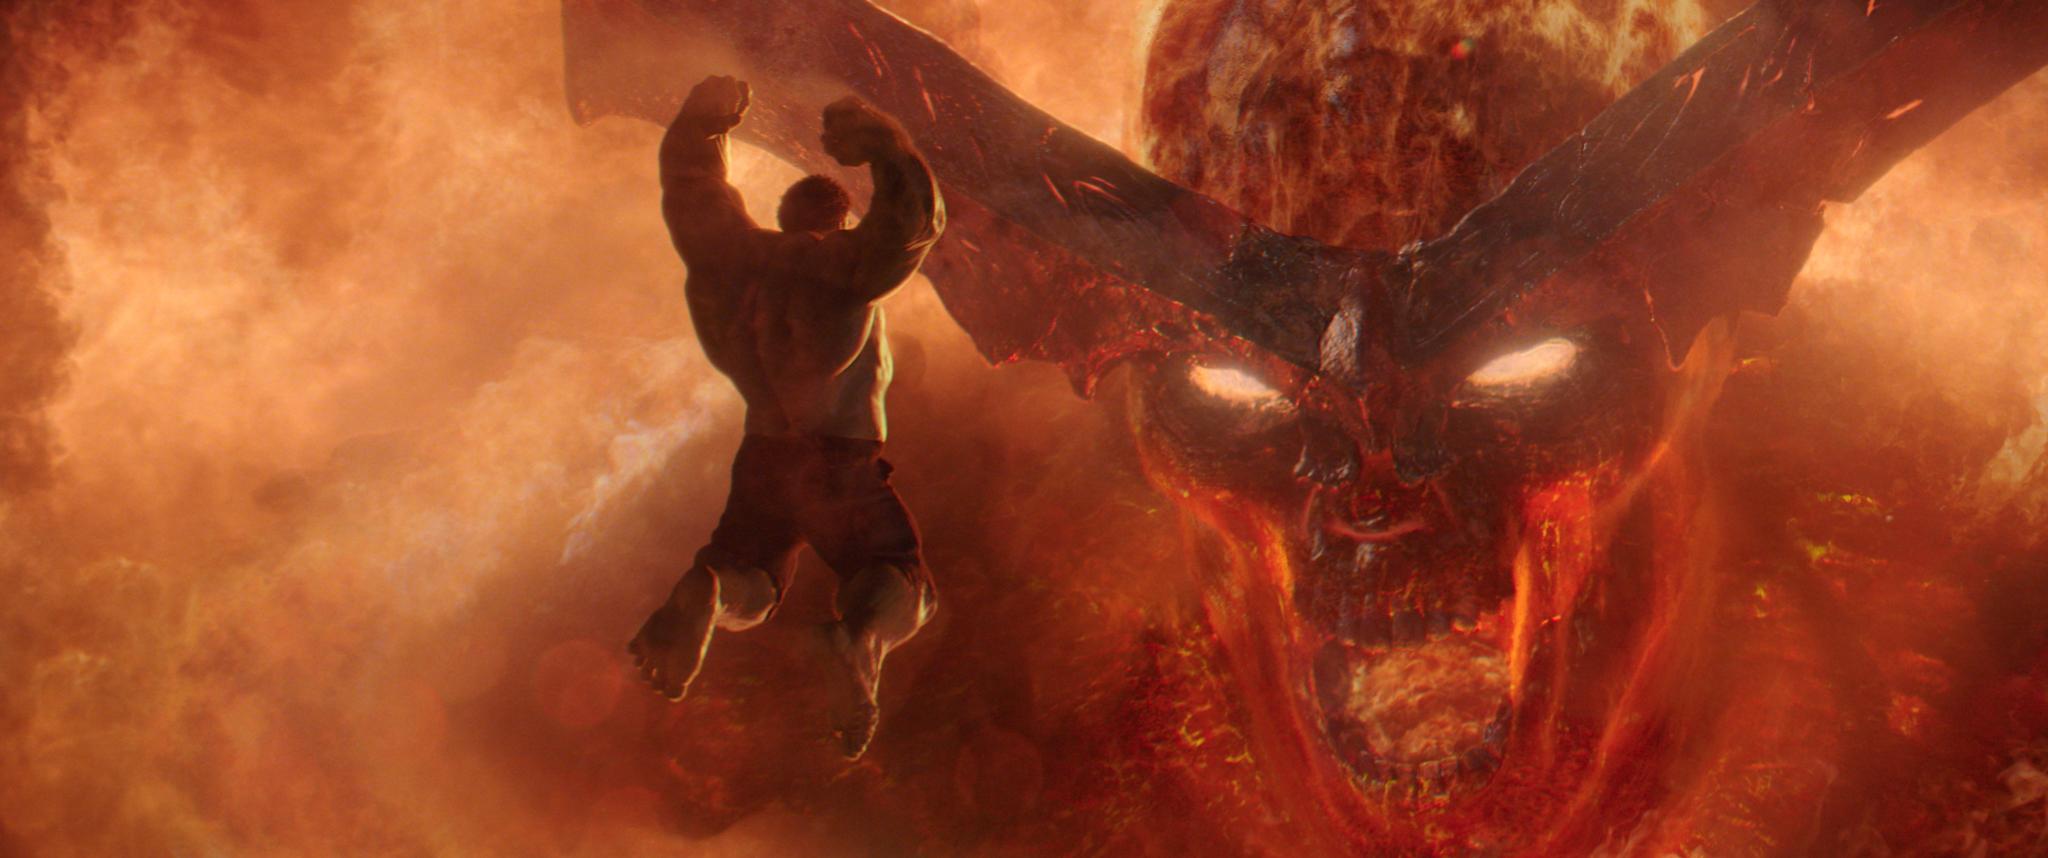 Surtur, o demônio de fogo, em sua forma de gigante, recebe um ataque de Hulk, à esquerda